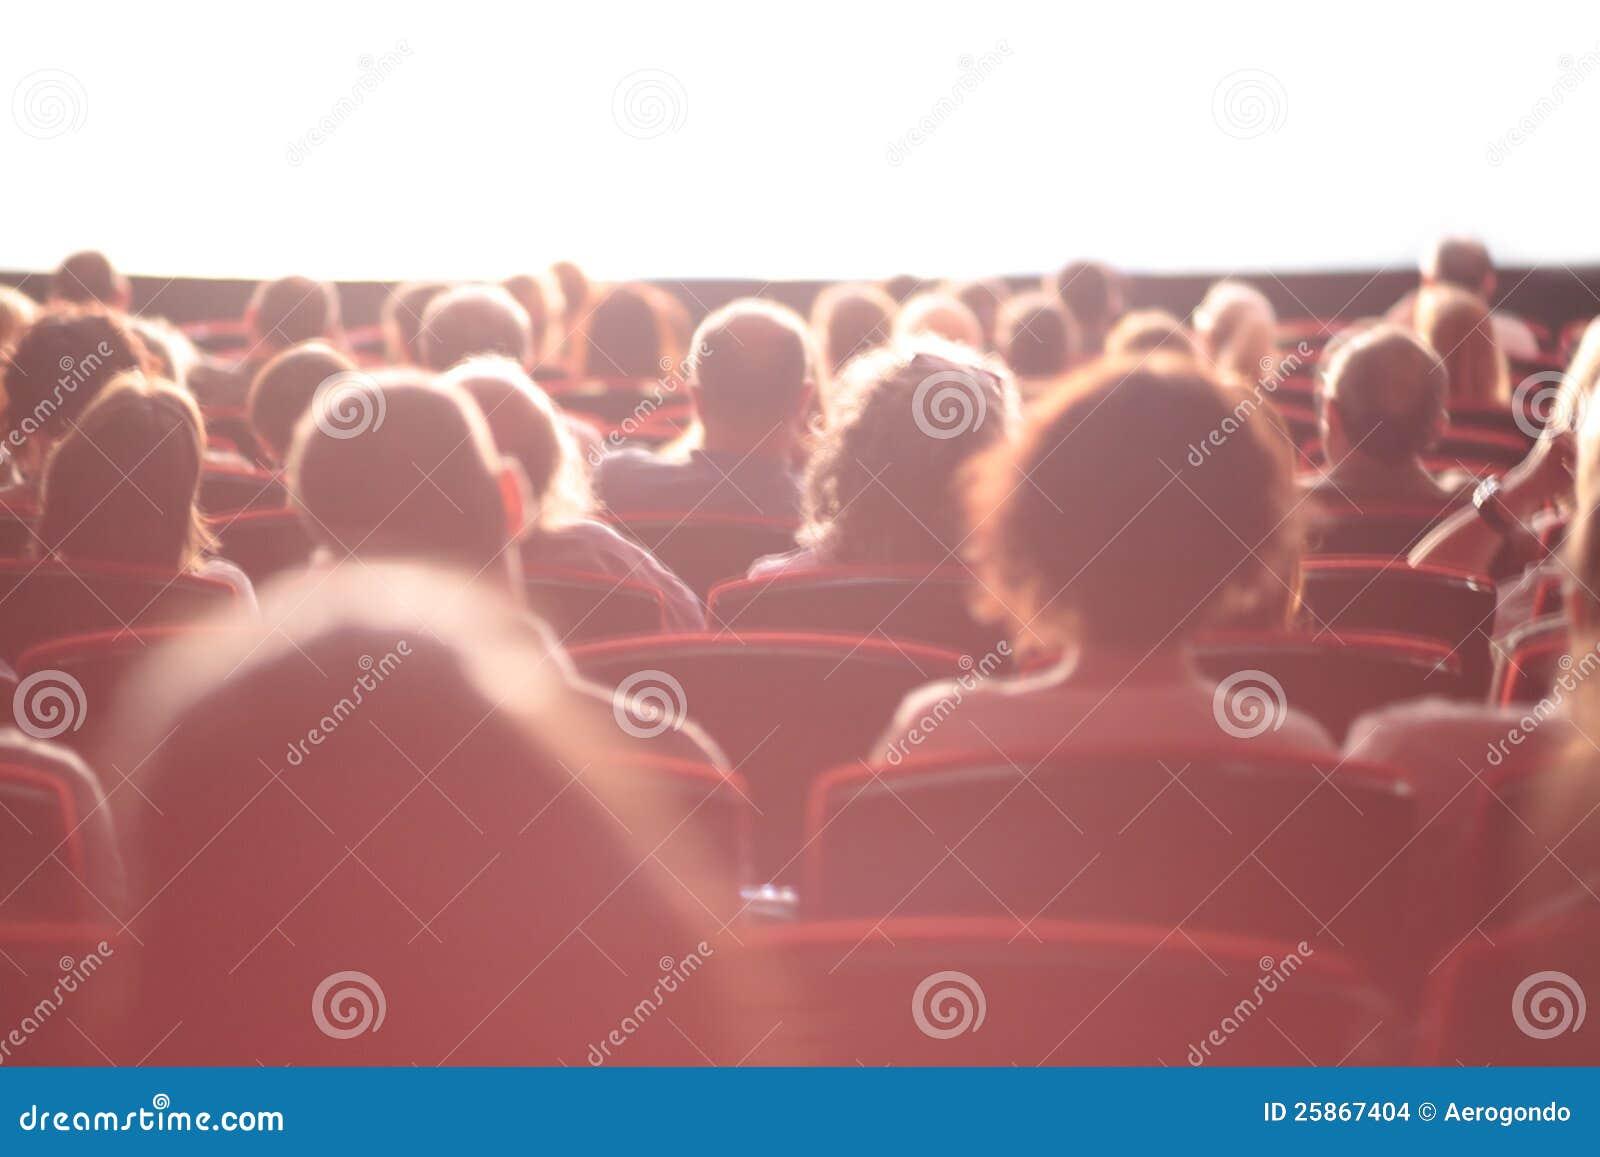 Audiencia del cine